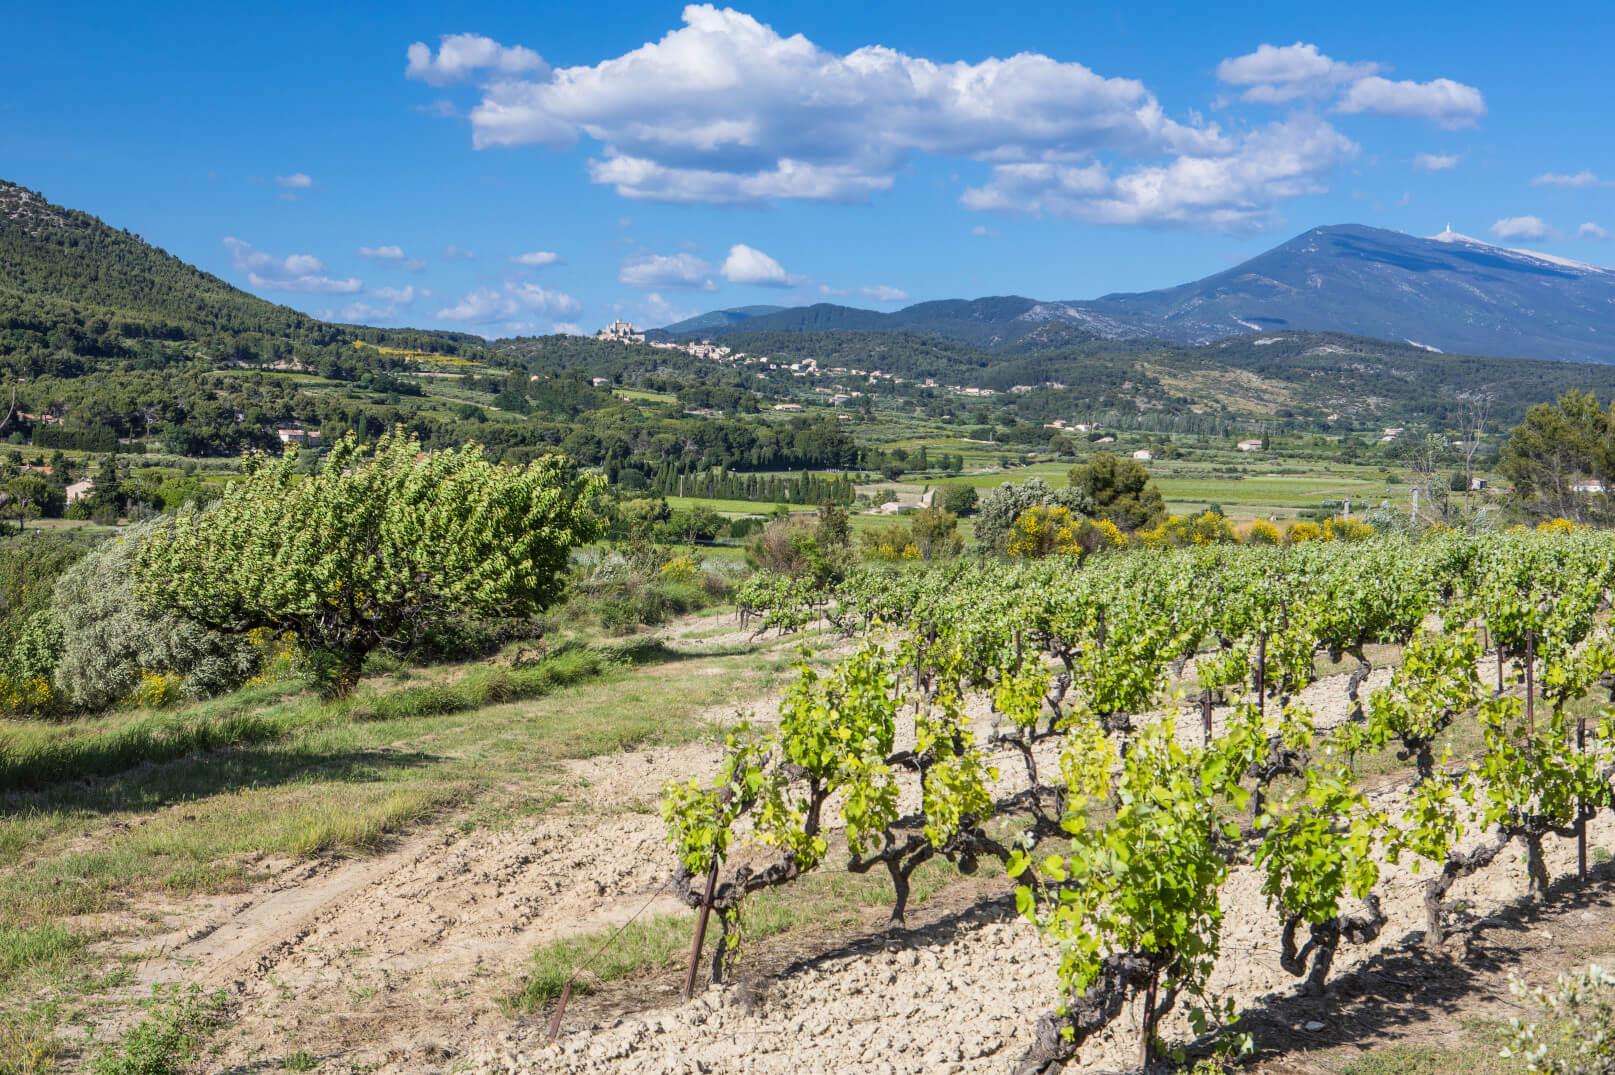 De wijngaarden van de Ventoux